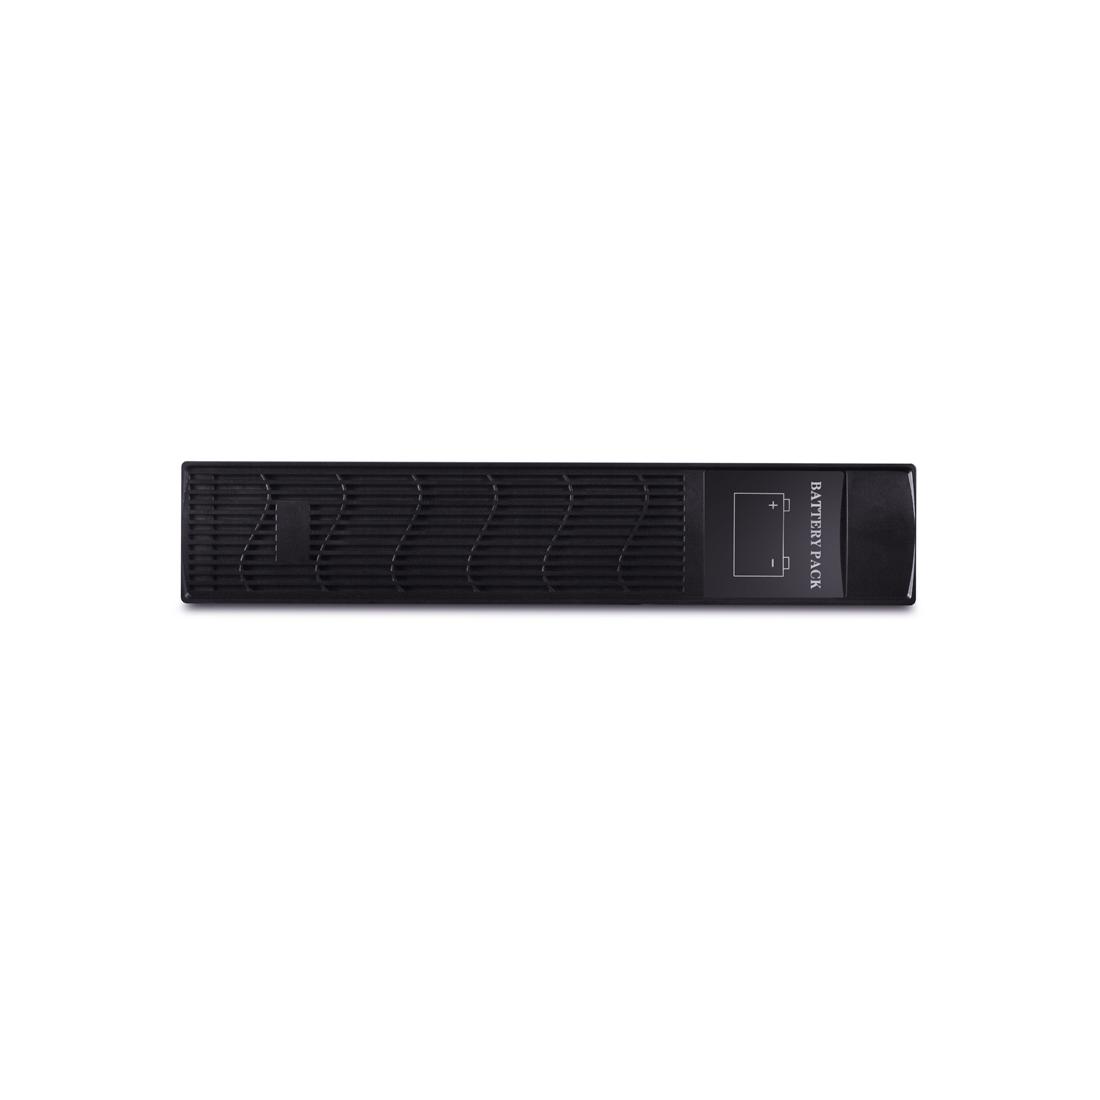 Батарейный блок для ИБП RTU-1KL-LCD